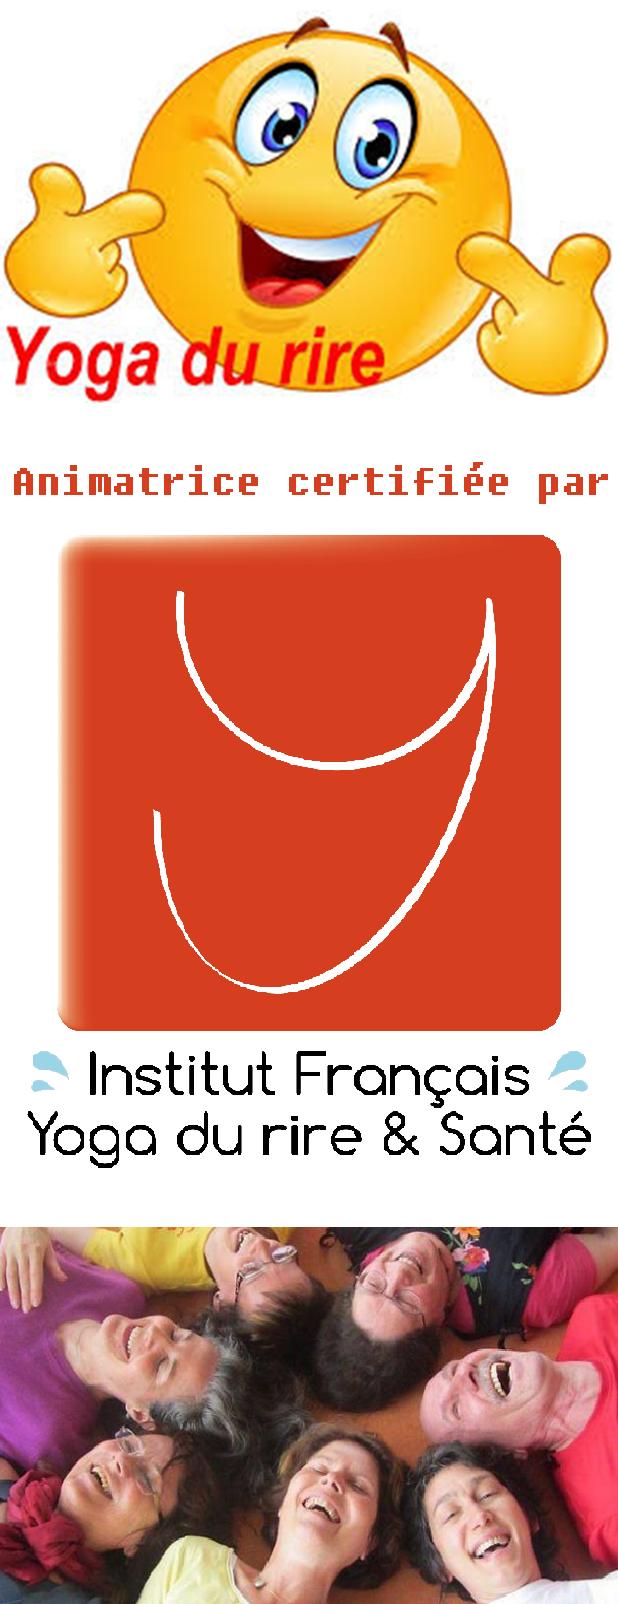 Logo animateur 2017 4